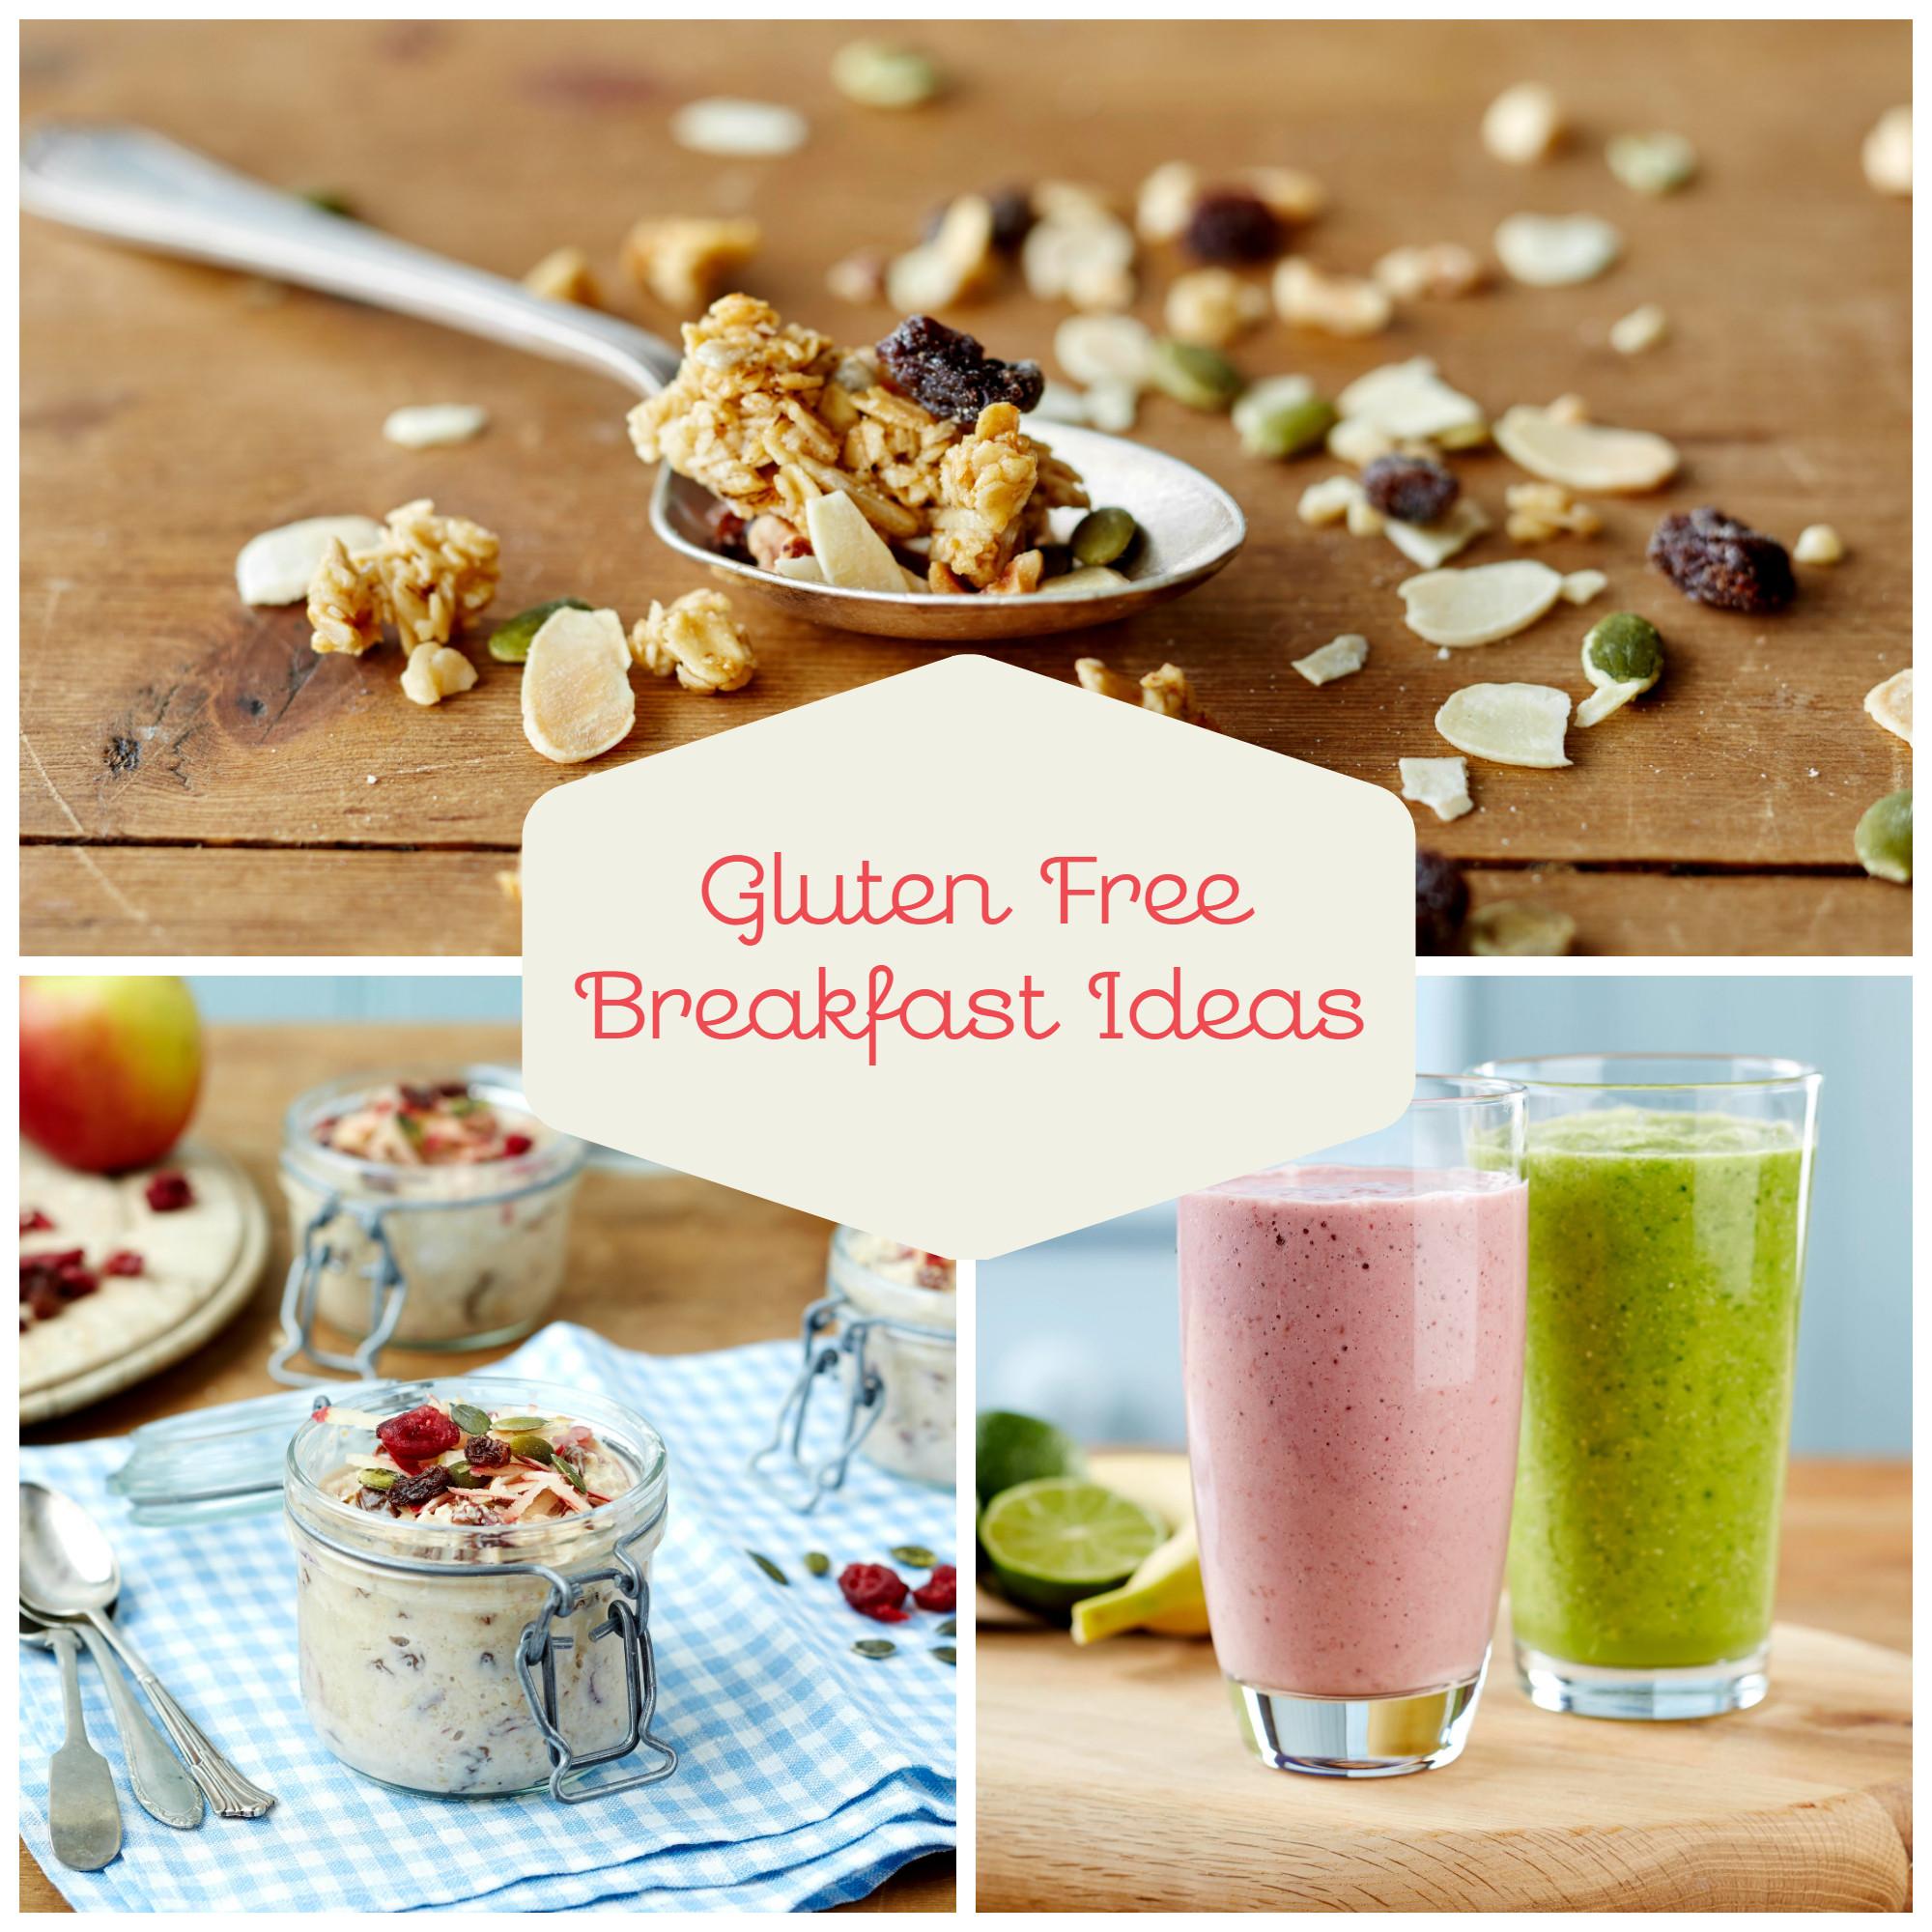 Gluten Free Dairy Free Breakfast Recipes  Gluten Free Breakfast Ideas to Suit Every Schedule